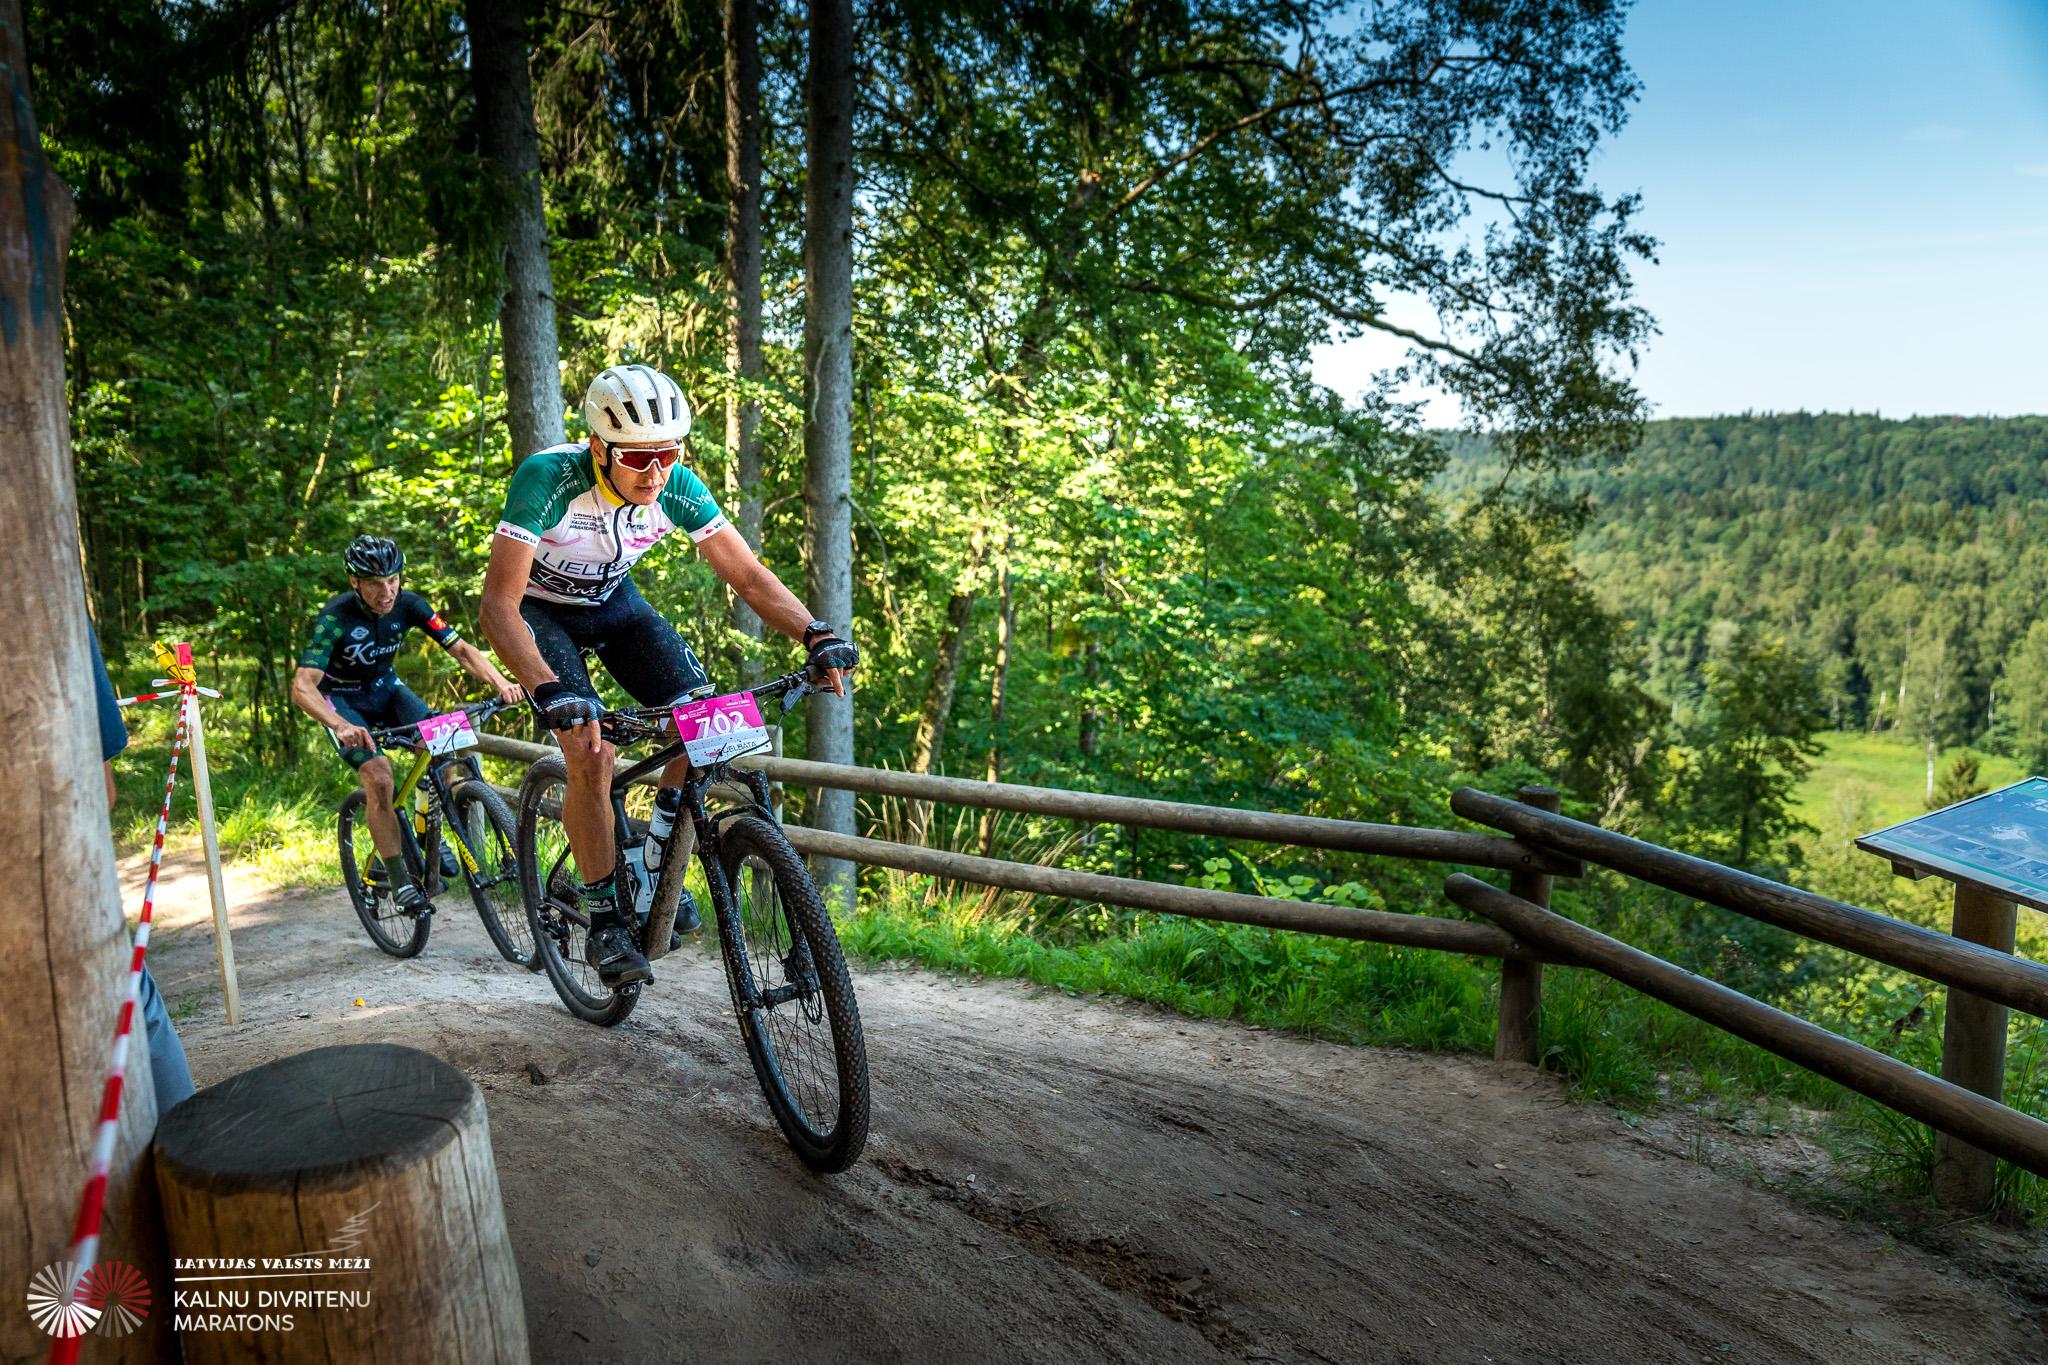 Latvijas valsts mežu MTB maratona sezona sāksies gleznainajā Siguldā